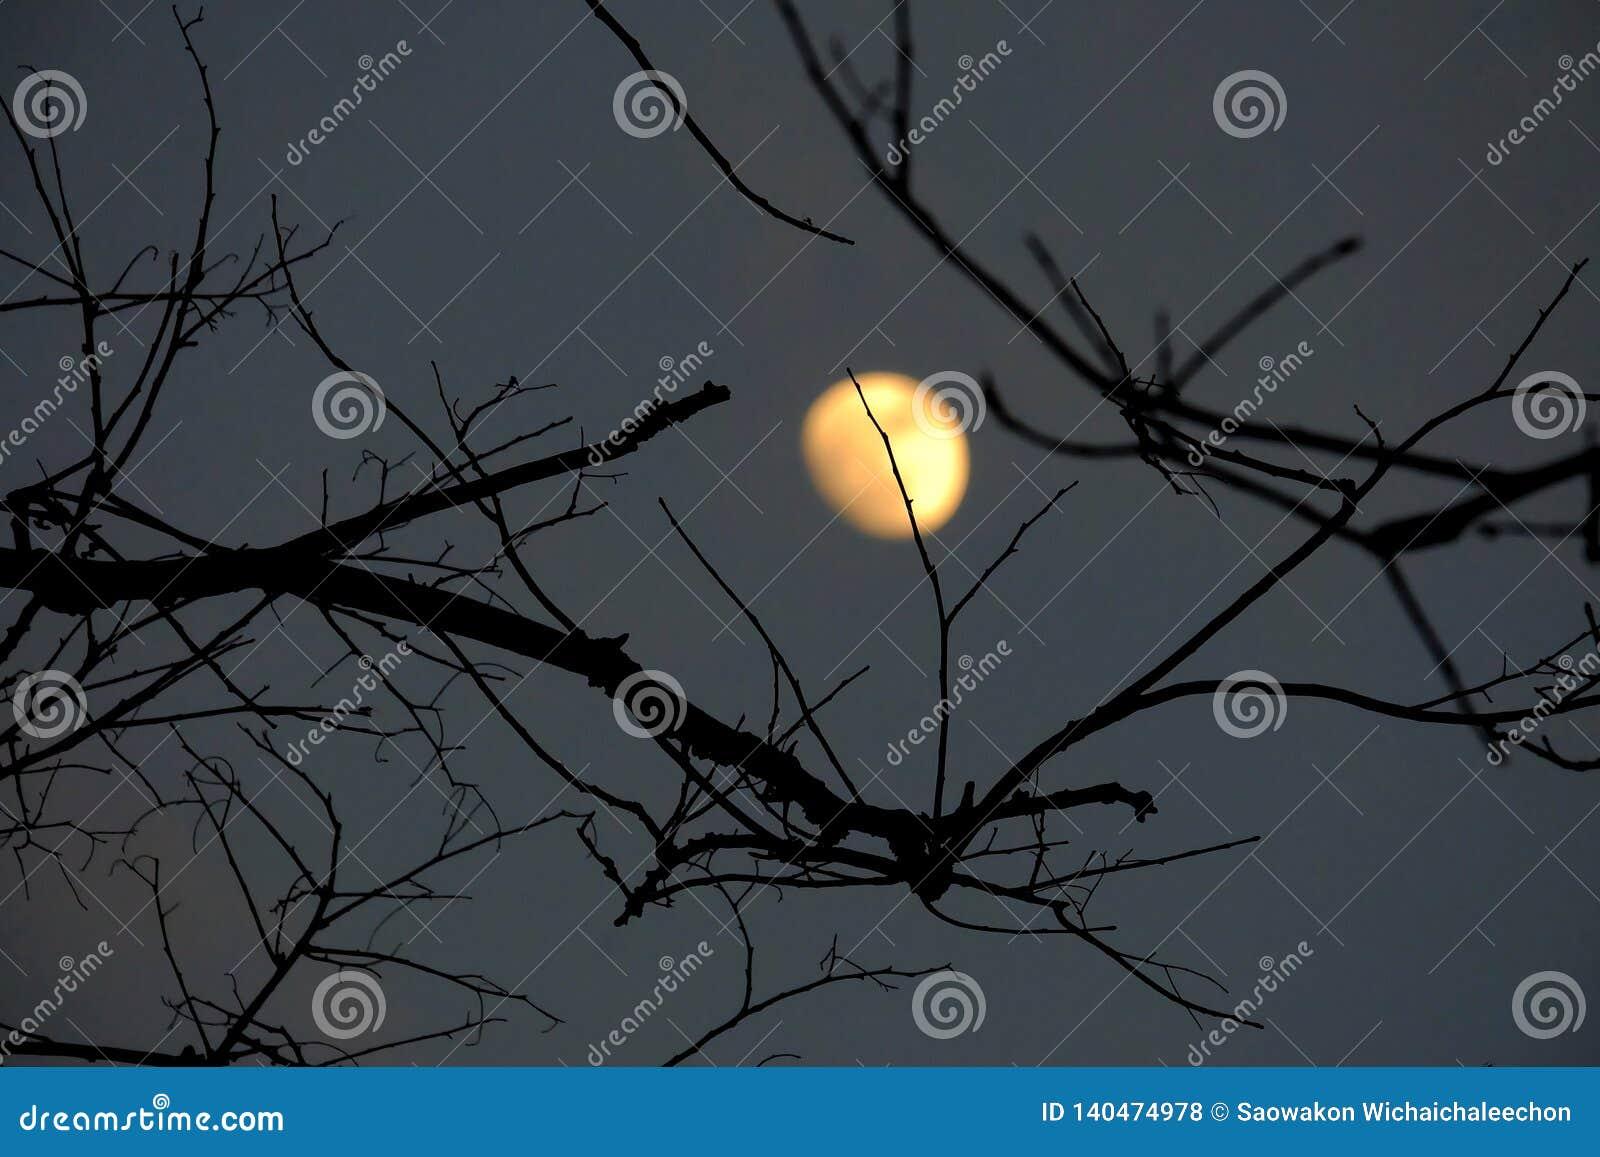 Απόκοσμη σκιά των νεκρών φύλλων δέντρων στη σκοτεινή νύχτα με το κίτρινο σεληνόφωτο θαμπάδων